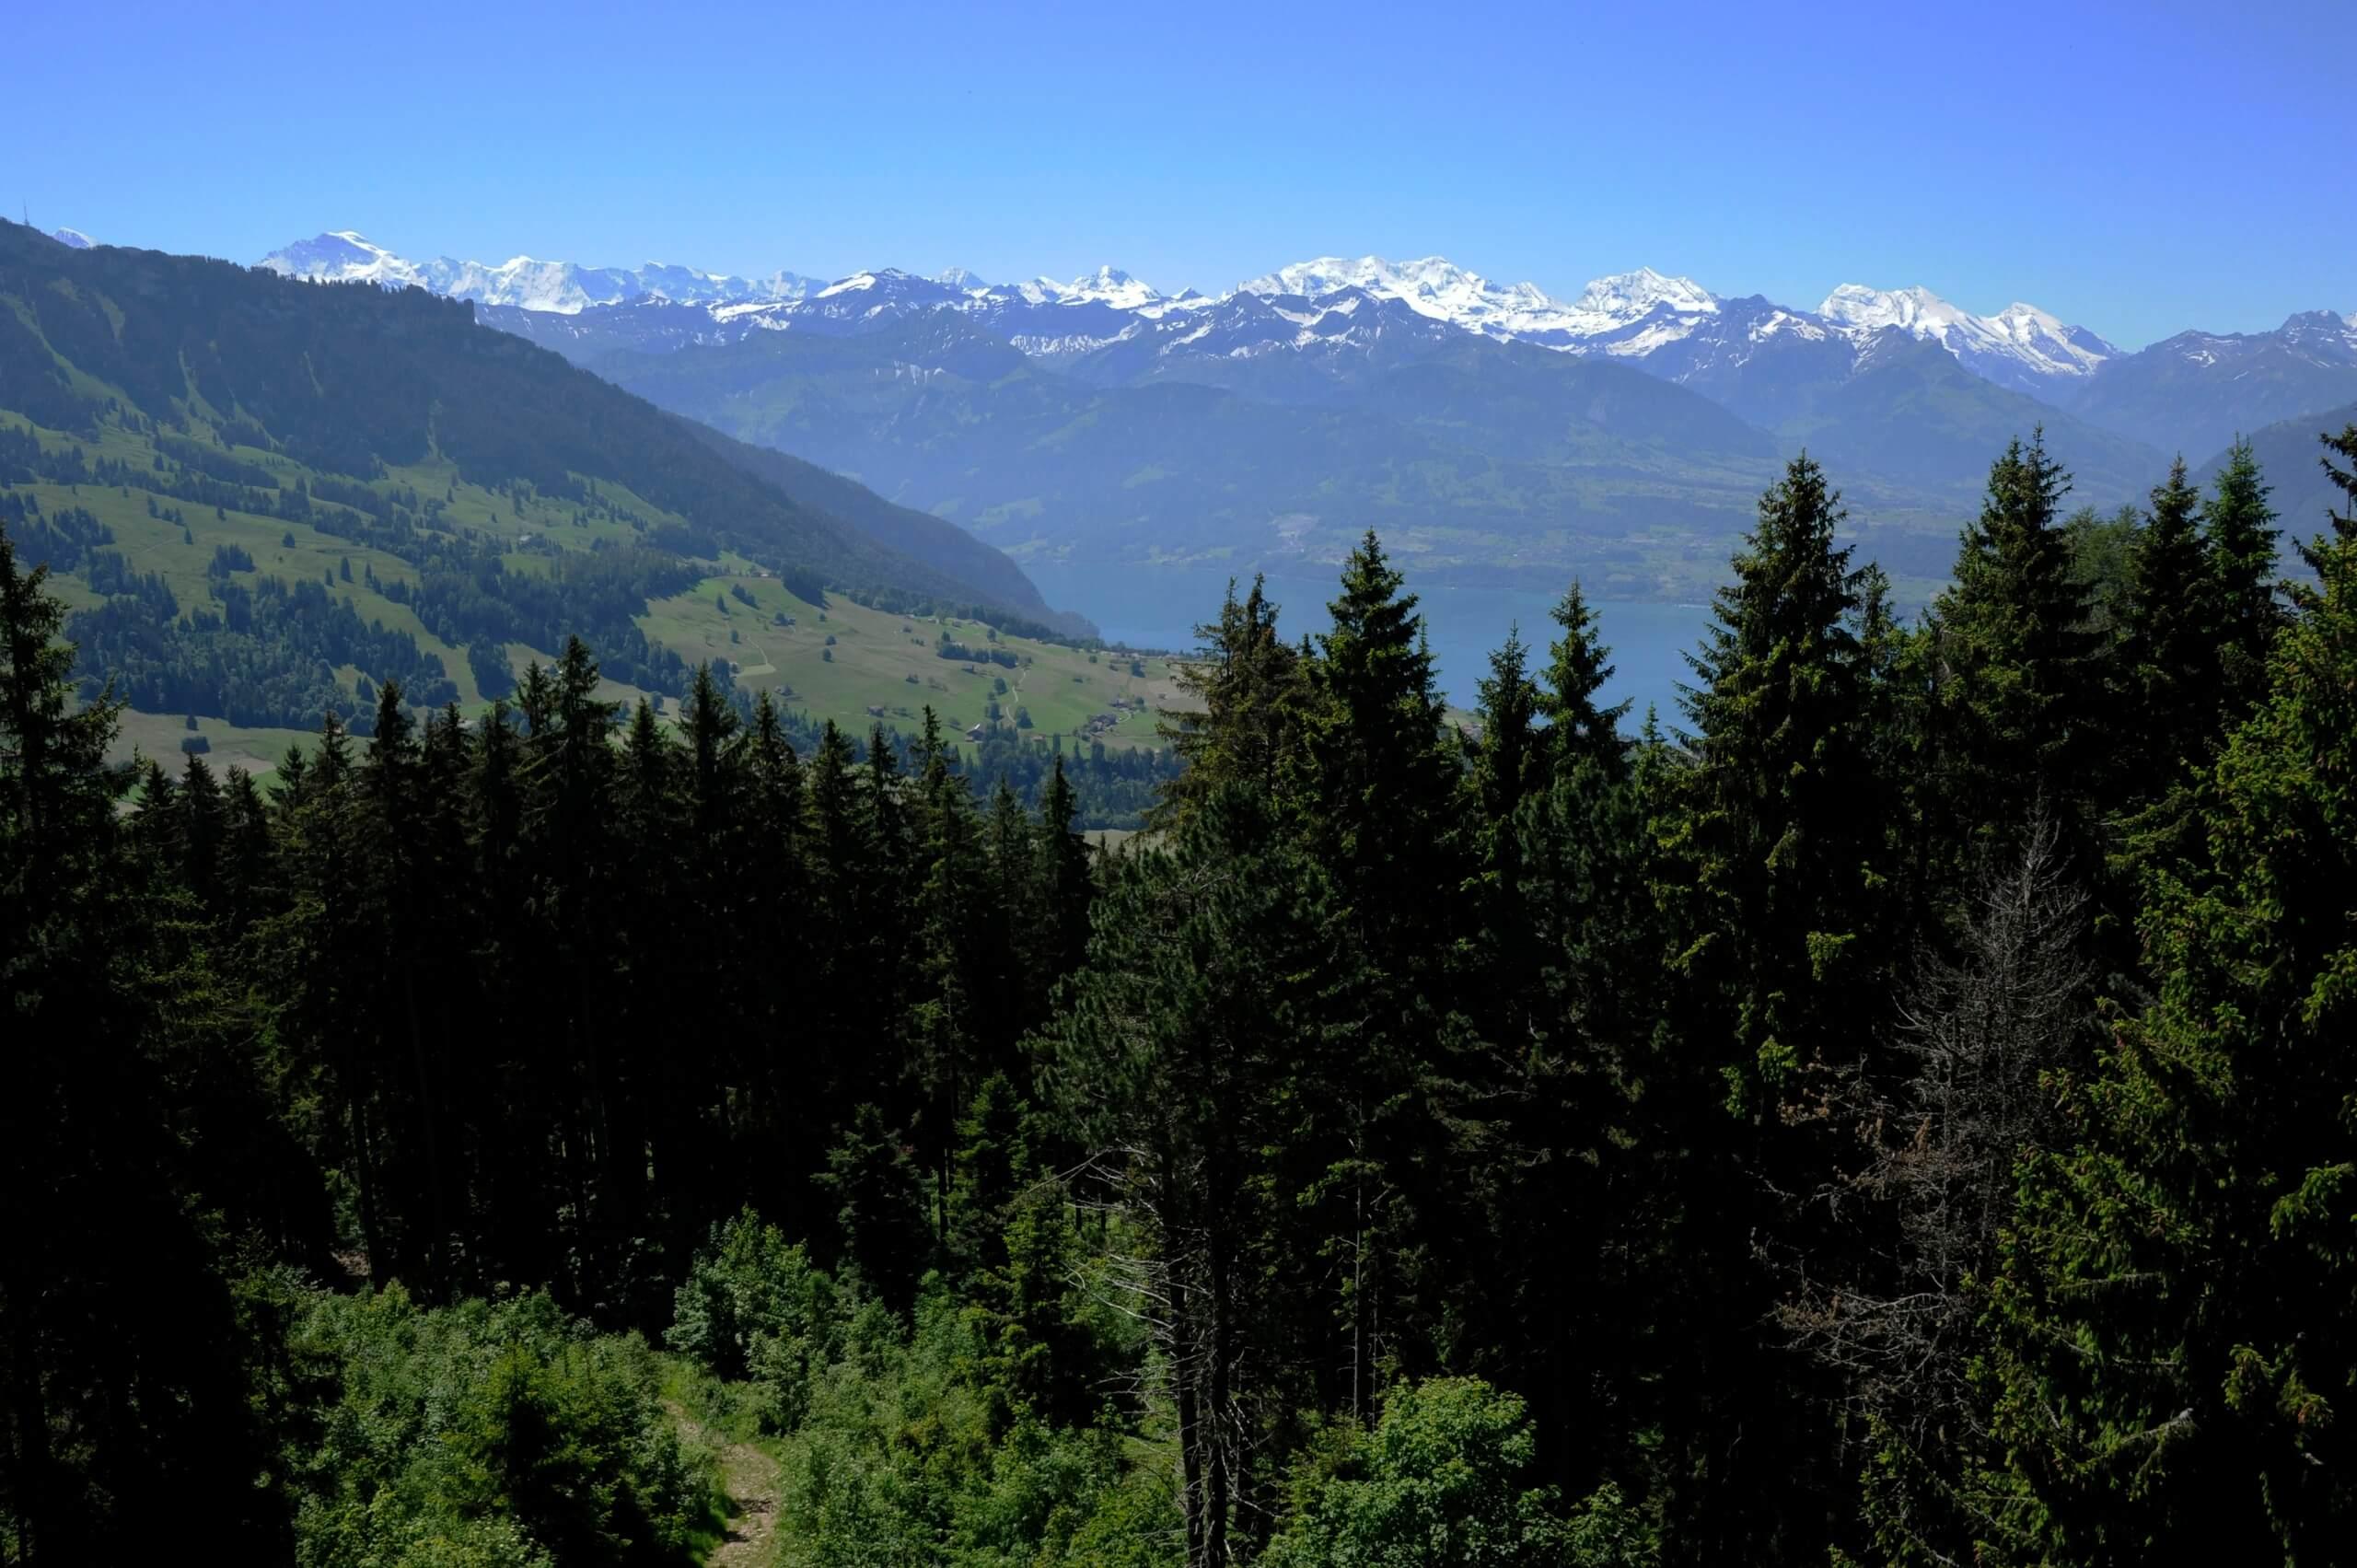 sigriswil-blumenturm-sommer-berge-aussicht